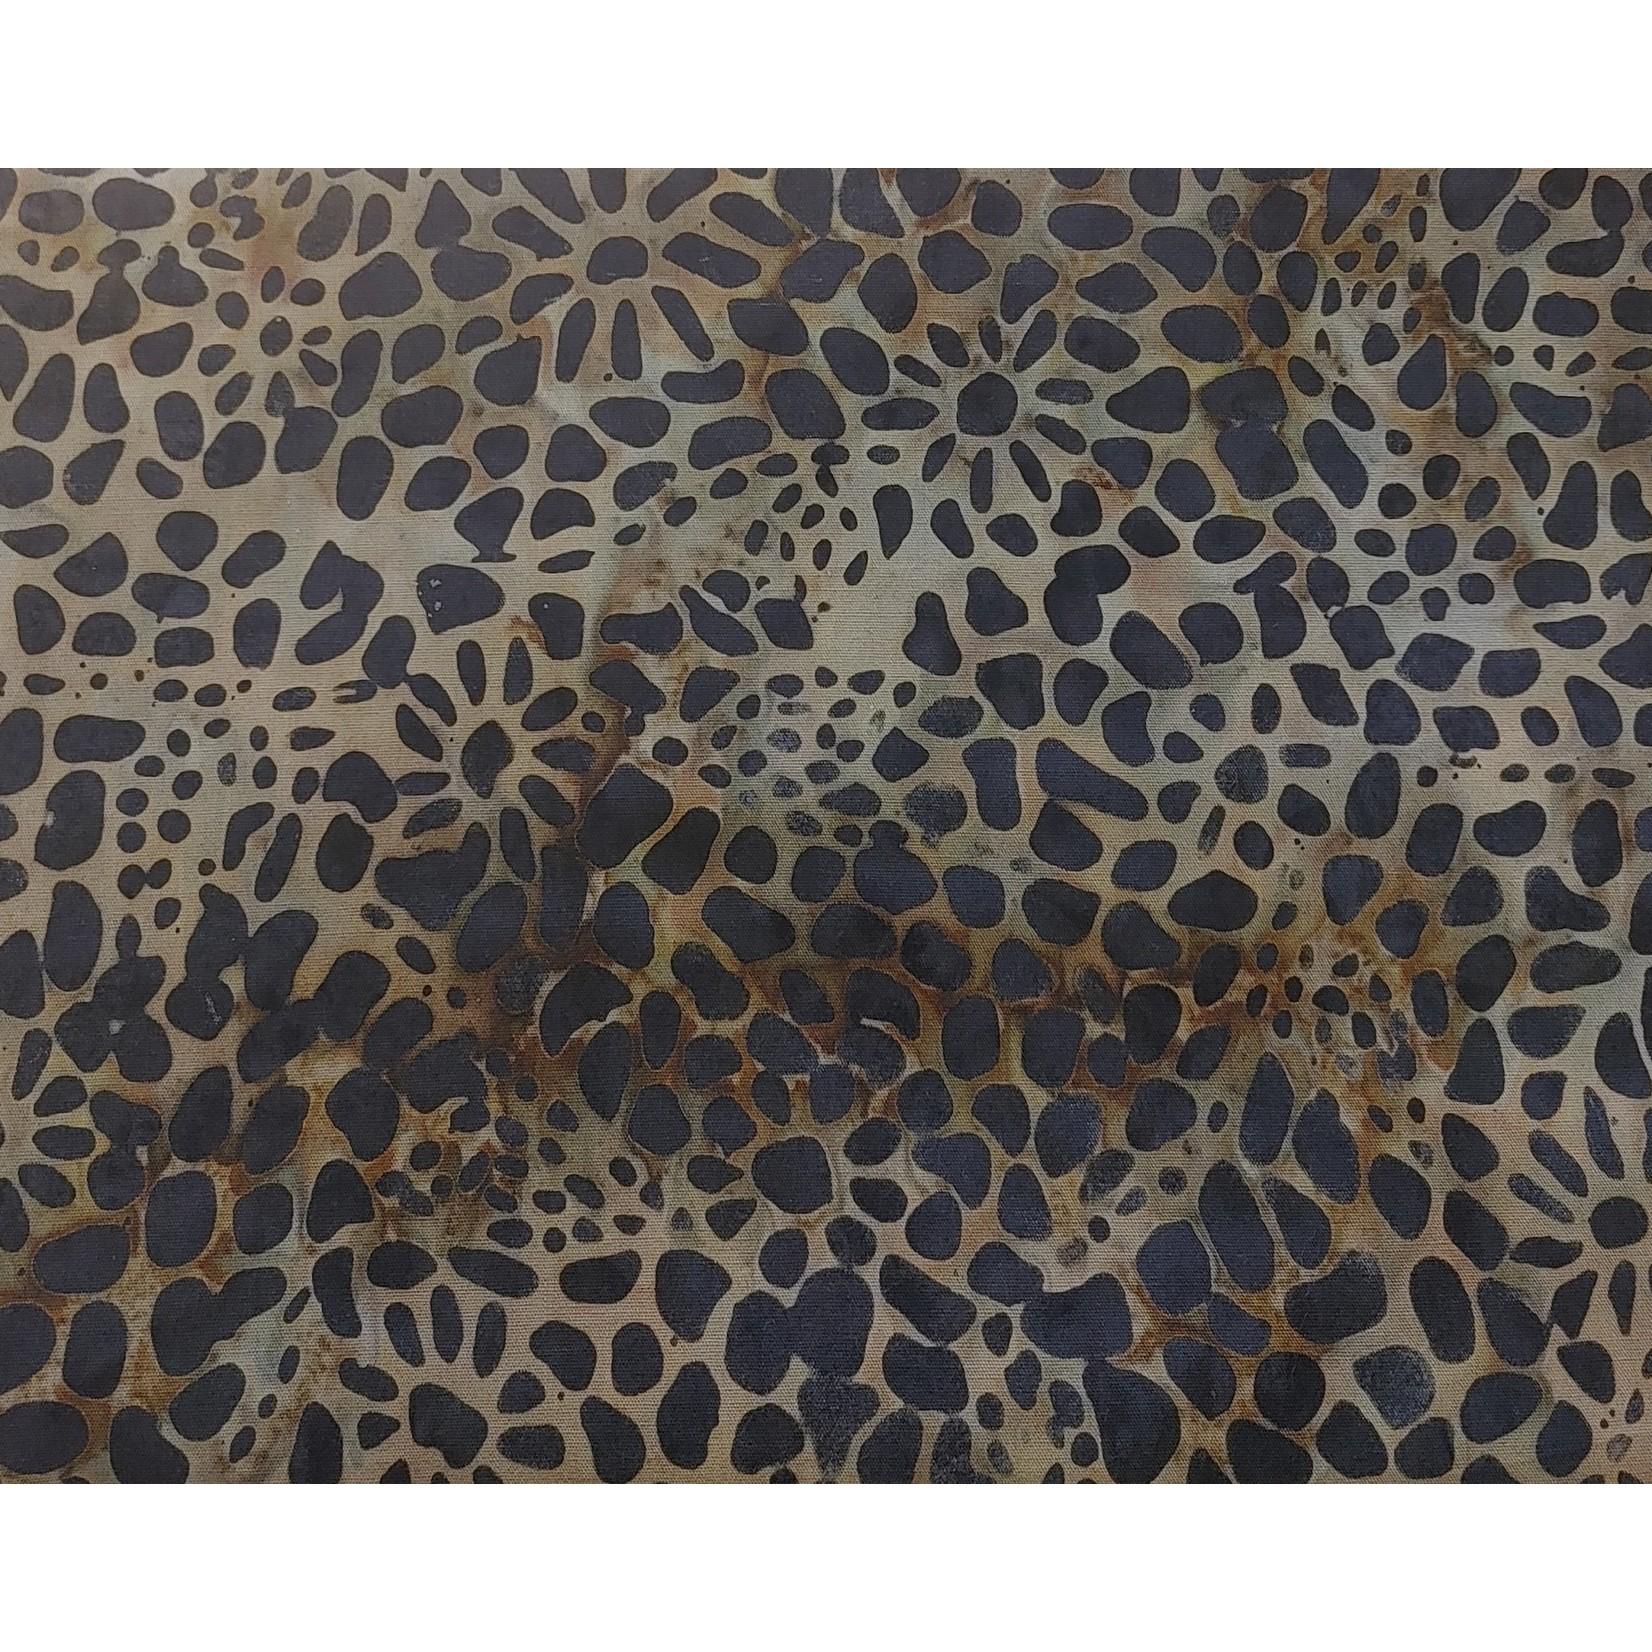 240cm Brown Spots Pebble Pattern Batik $20/M